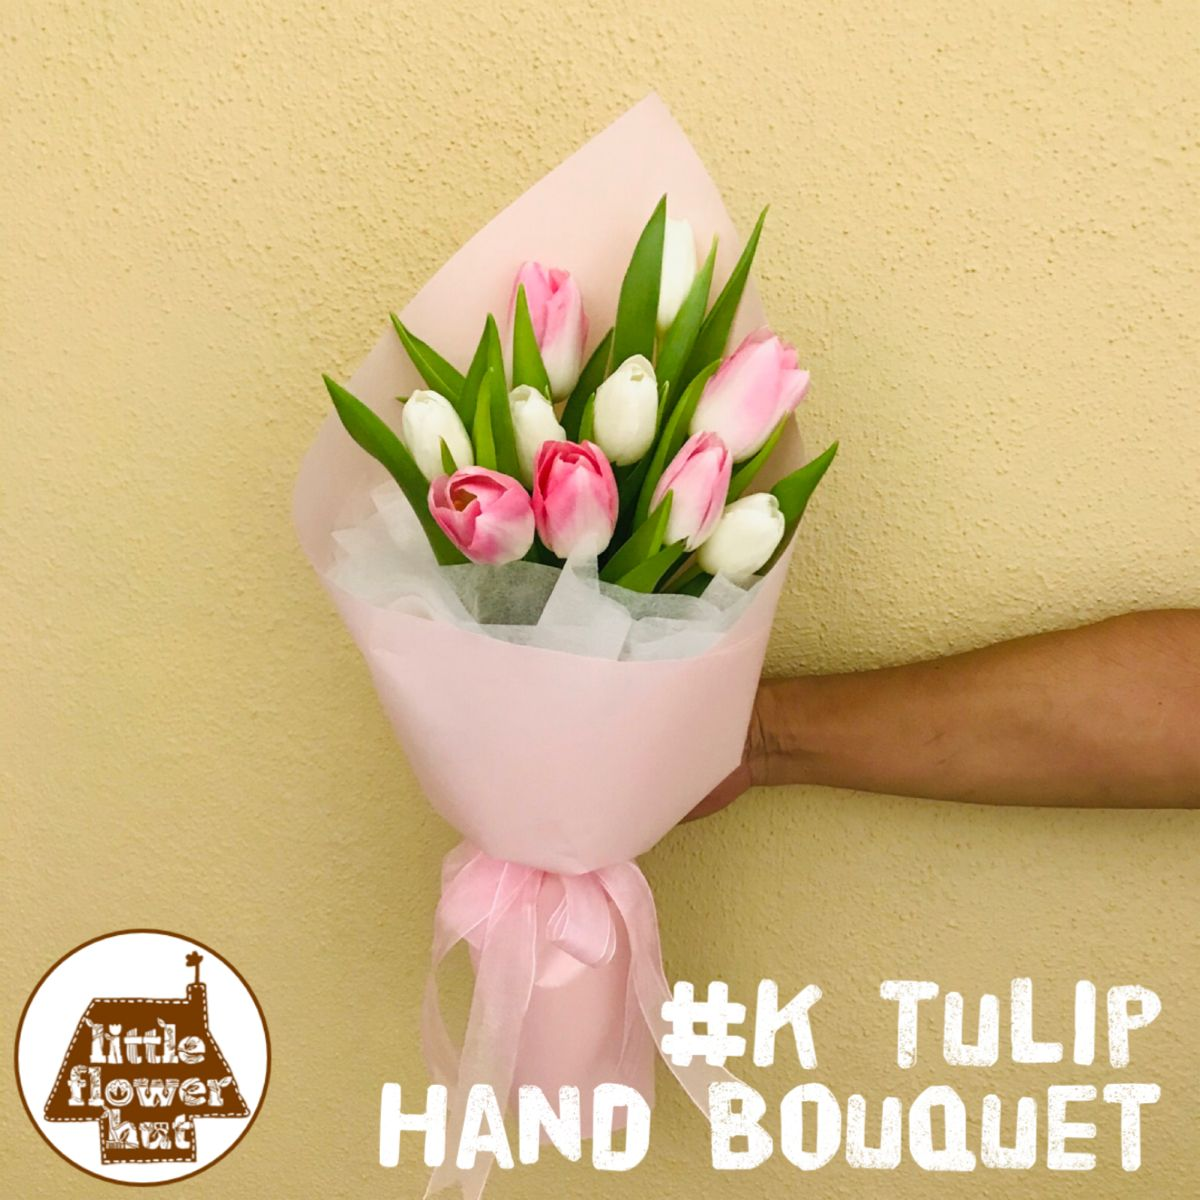 Premium Quality Hand Bouquet Singapore In 2020 White Tulip Bouquet Flowers Bouquet Bouquet